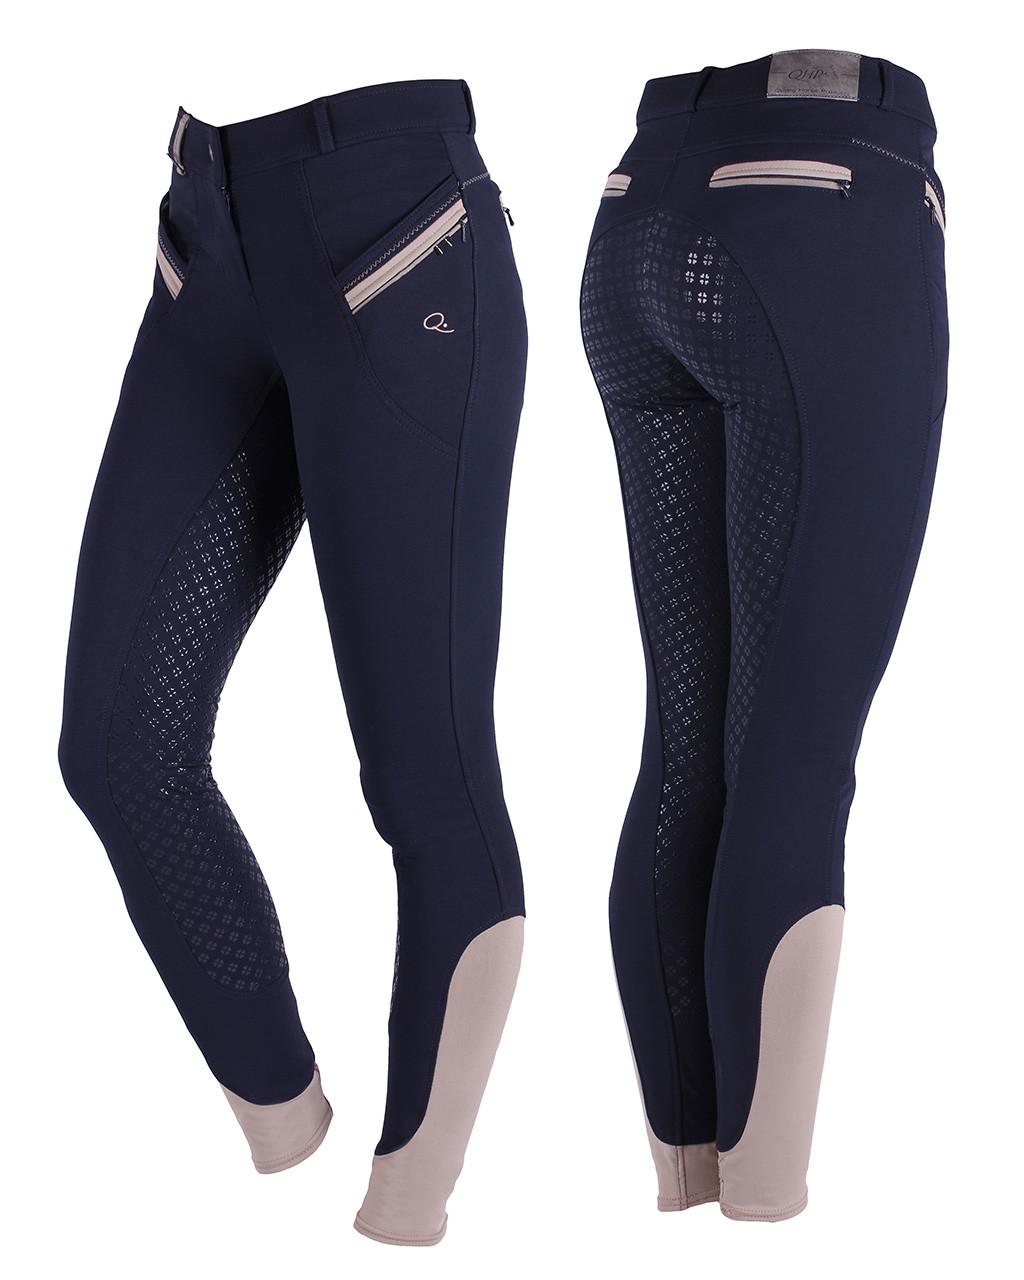 QHP Rijbroek Bliss anti-slip zitvlak donkerblauw maat:34